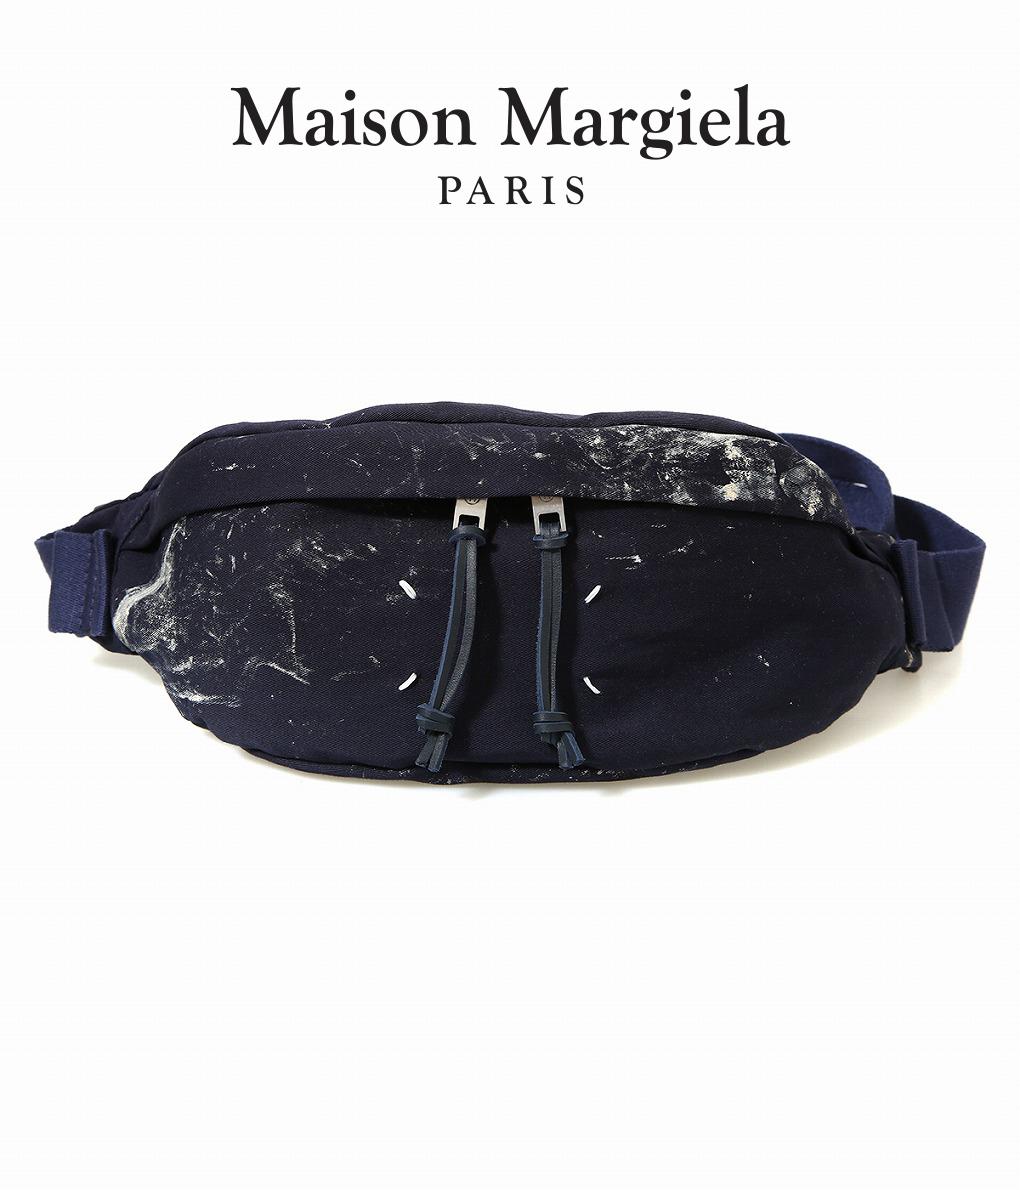 【サマーキャンペーン!】Maison Margiela / メゾン マルジェラ : CROSS BODY POUCH DYED : クロスボディーポーチ ウエストバッグ : S55WB0010-PS312 【RIP】【BJB】